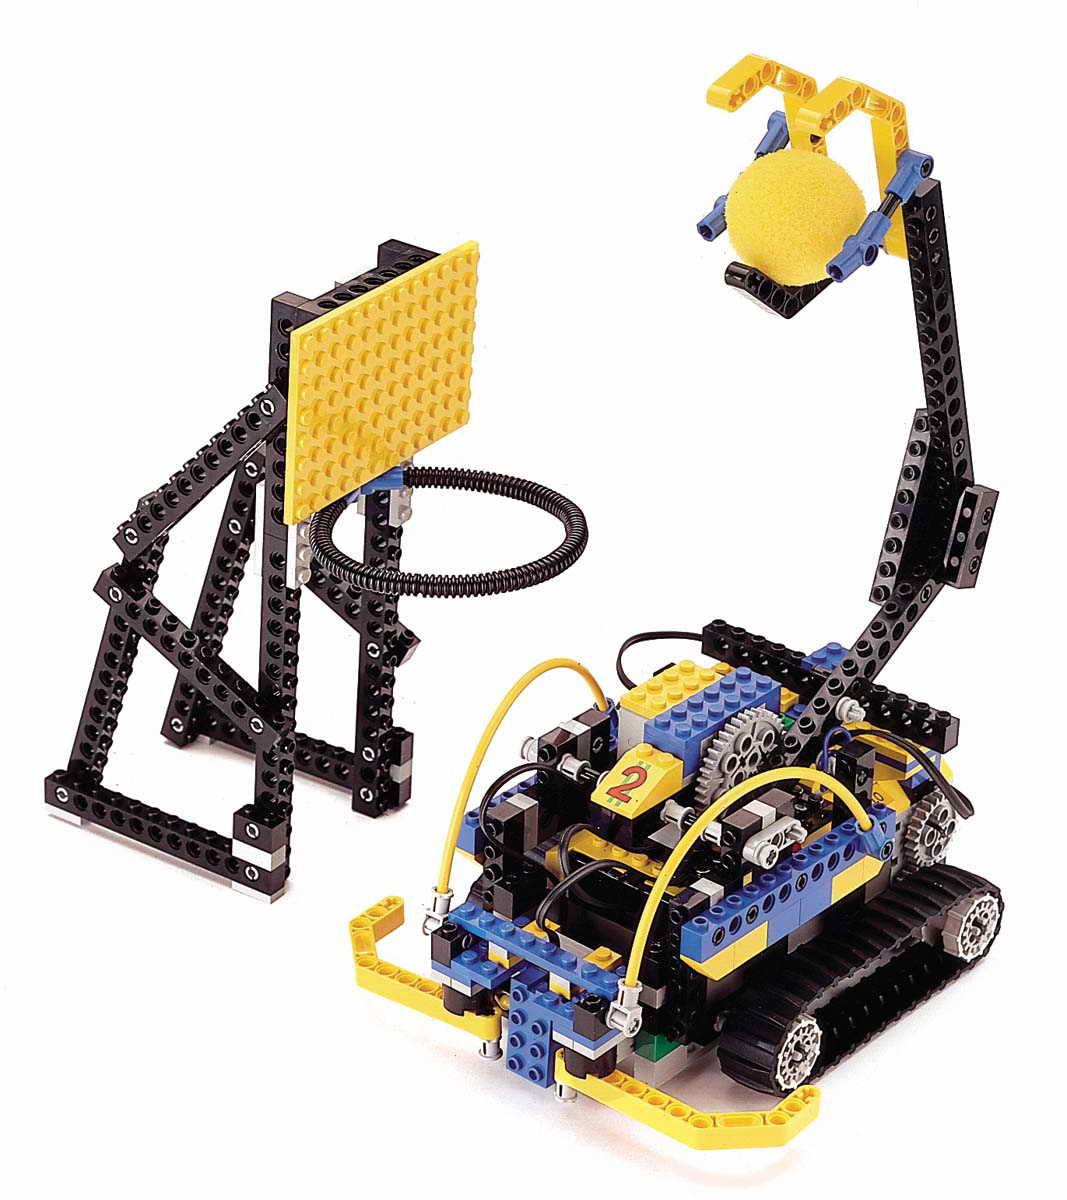 Robot Kits Robotics Kits - RobotShop